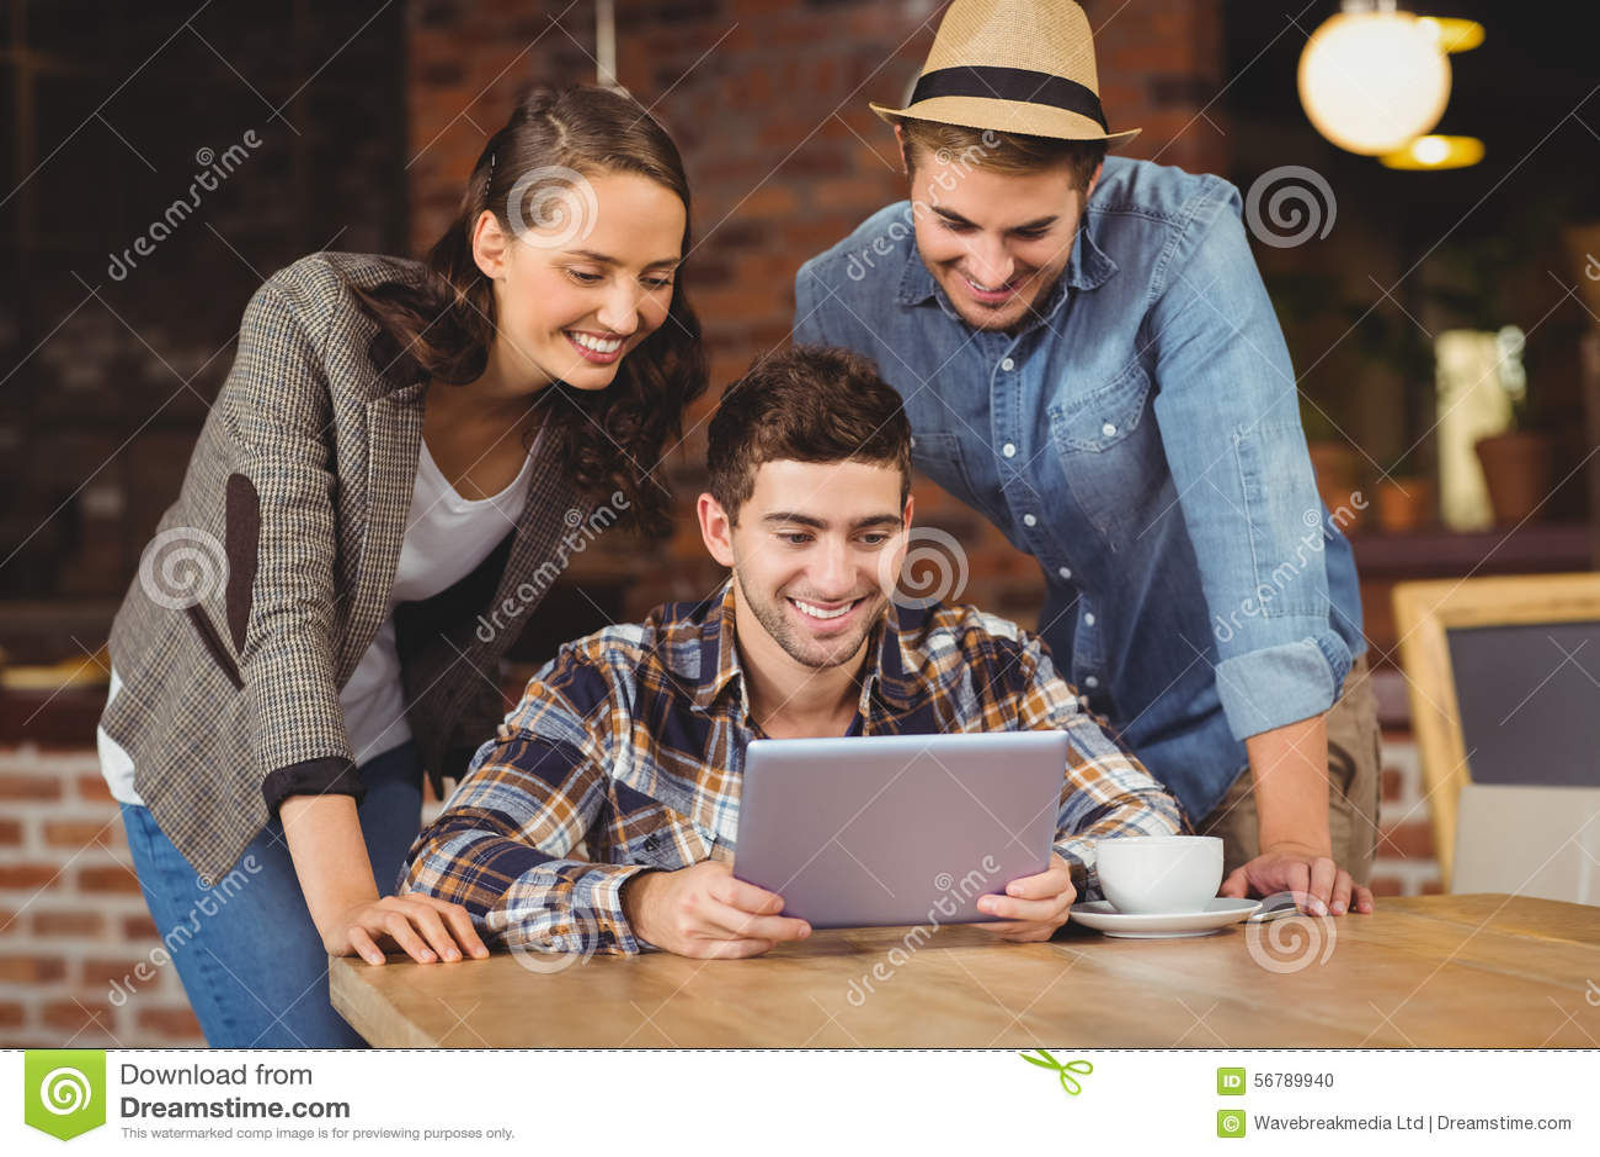 Glimlachende vrienden die tabletcomputer bekijken